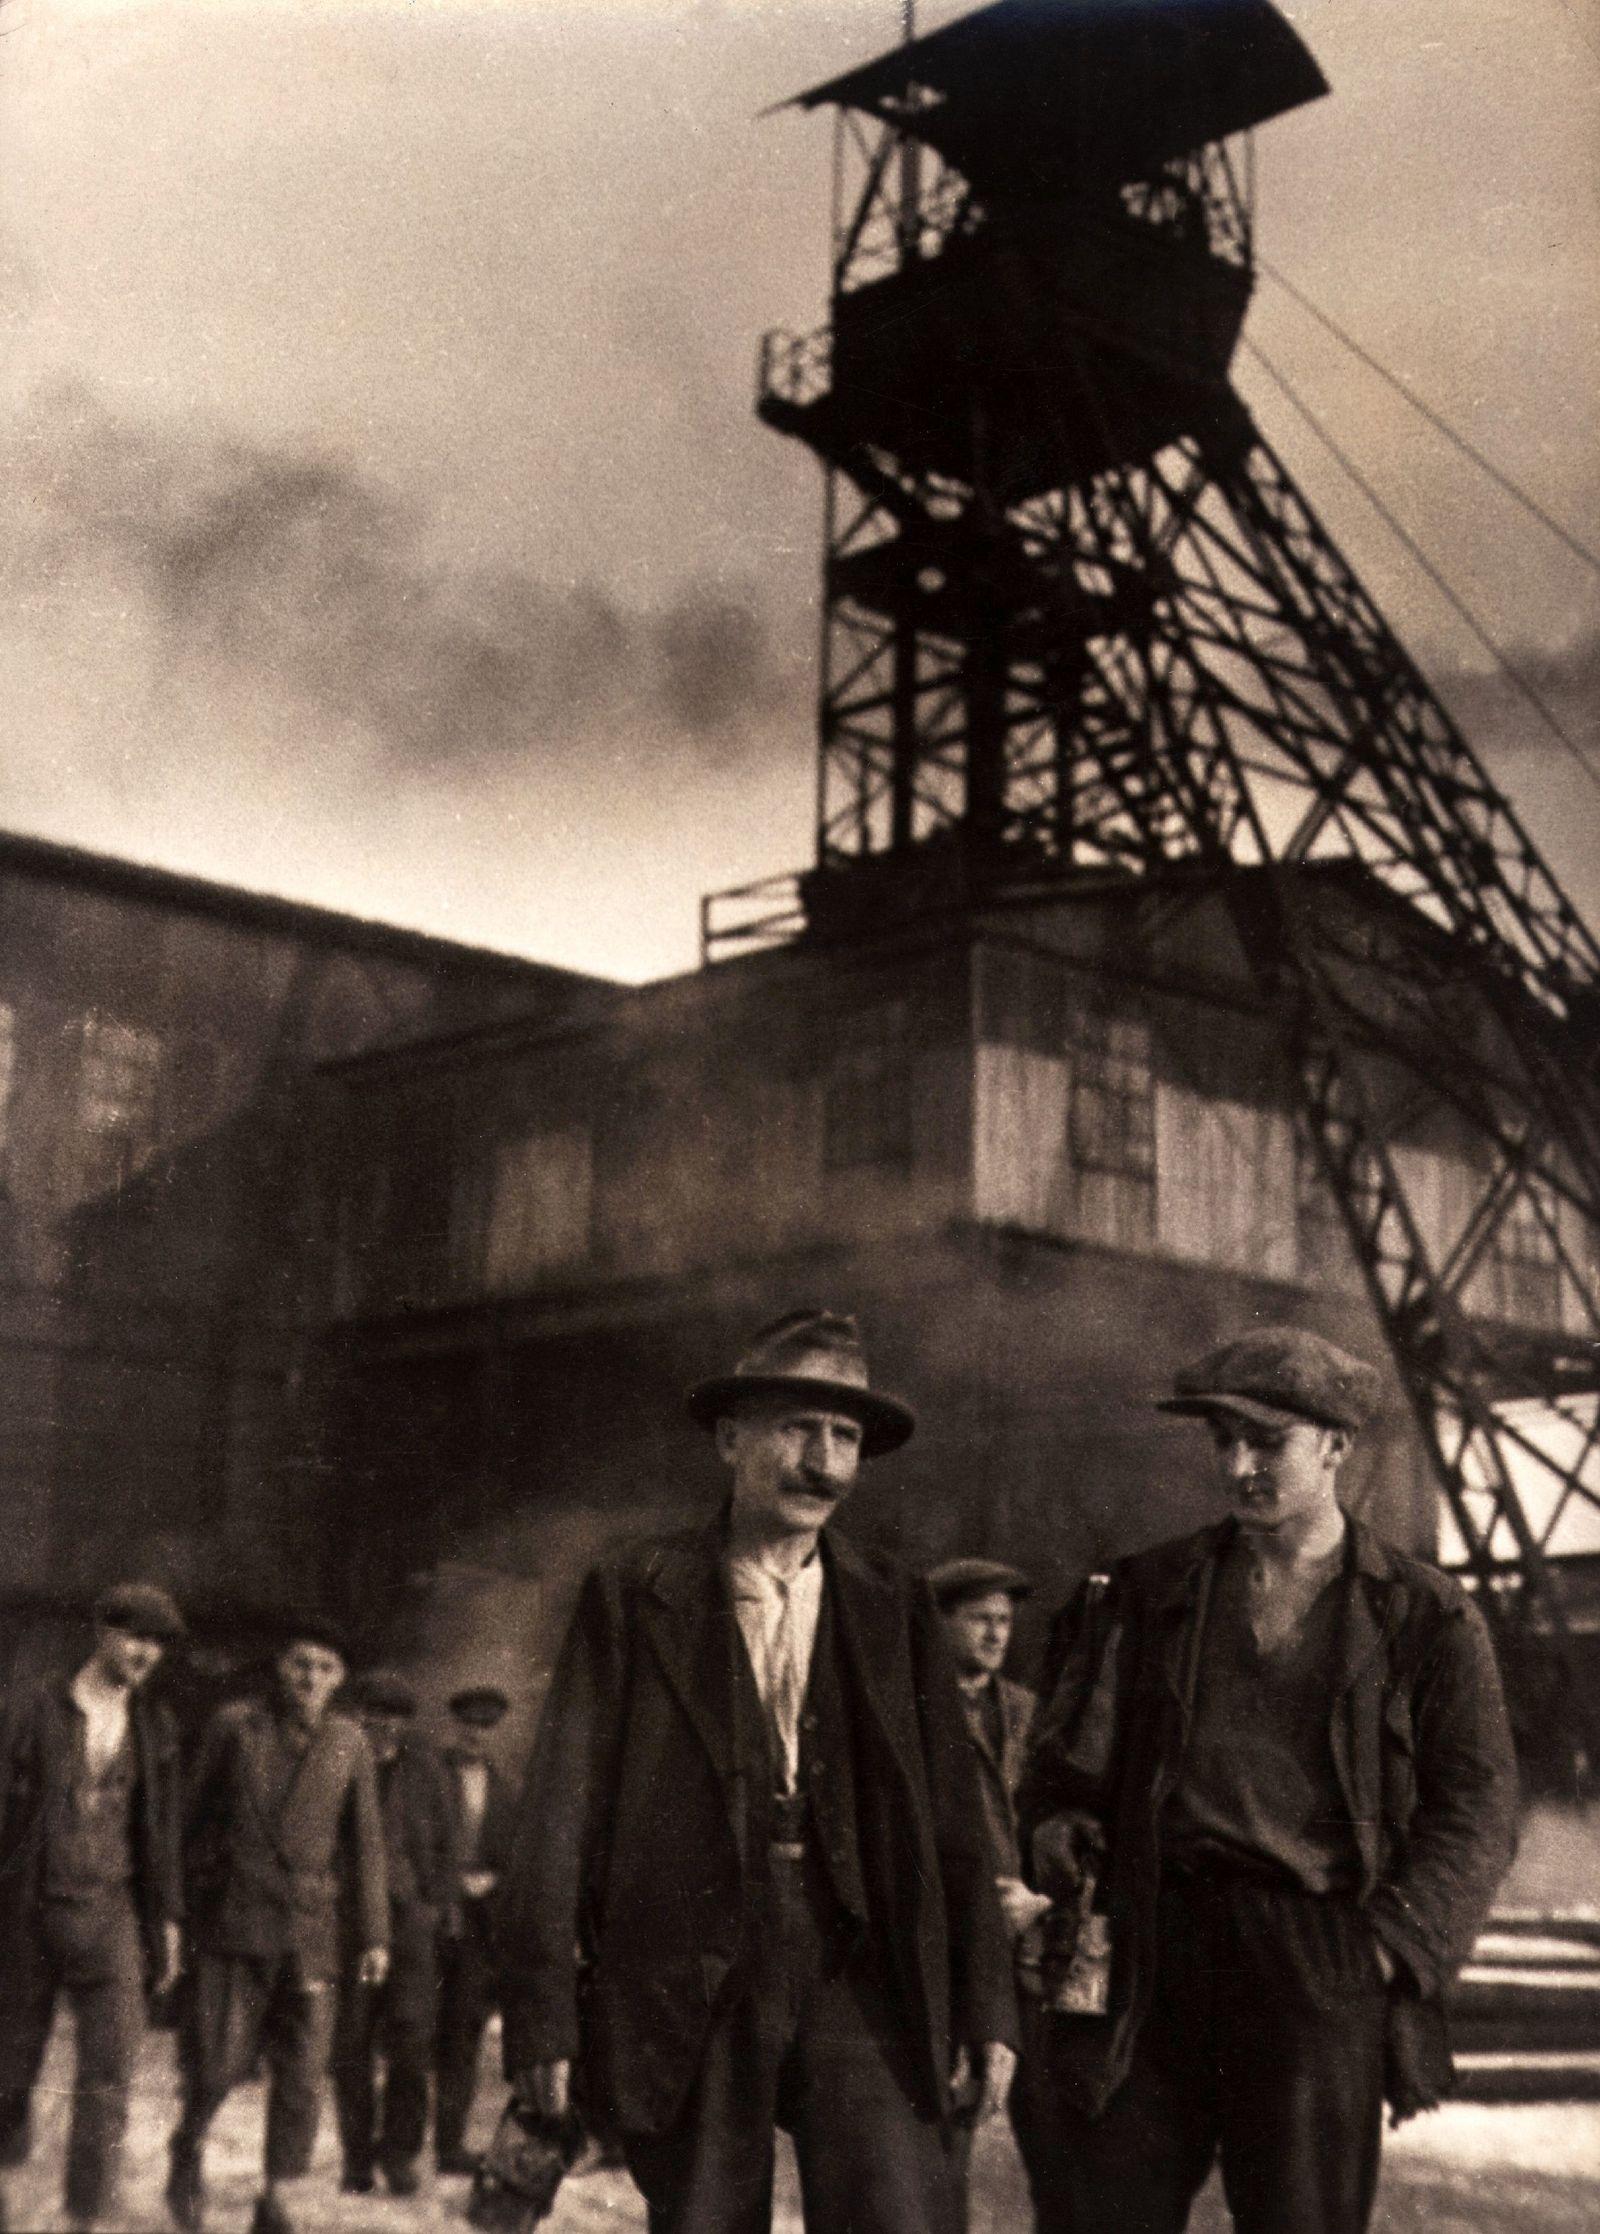 NICHT MEHR VERWENDEN! - Bergwerks / Ruhrgebiet um 1900